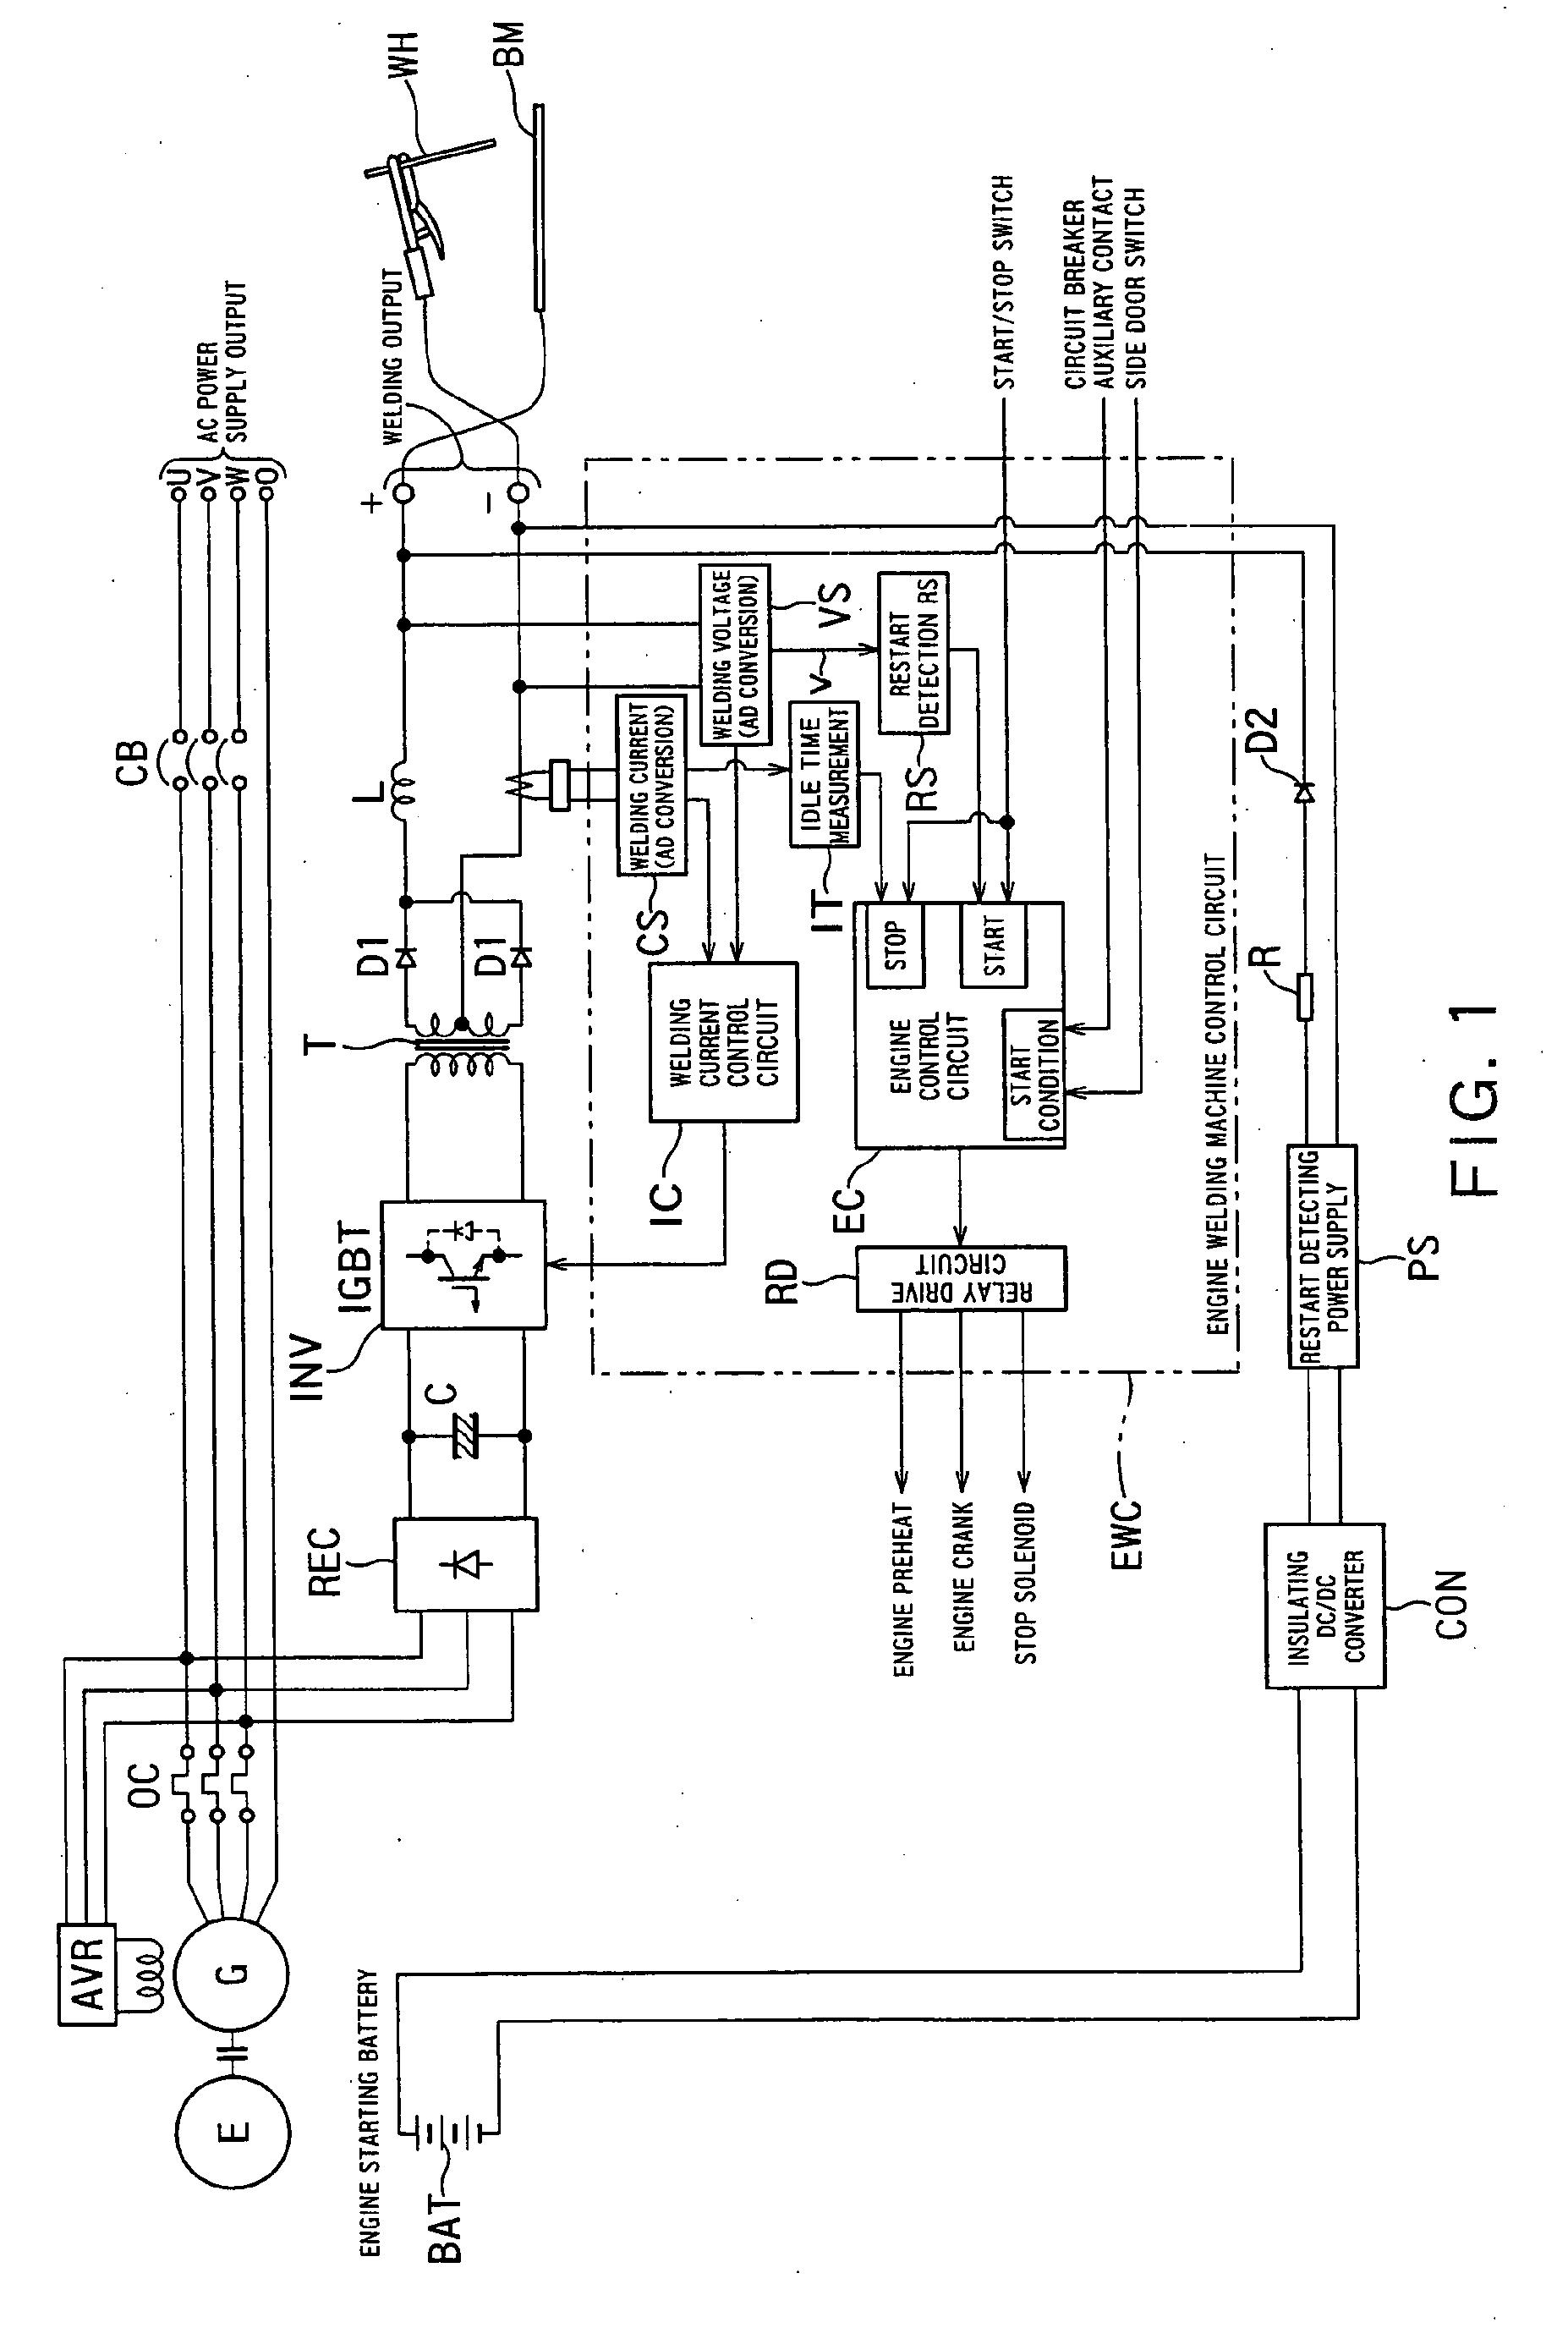 generator avr circuit diagram septic pump alarm wiring airman 31 images